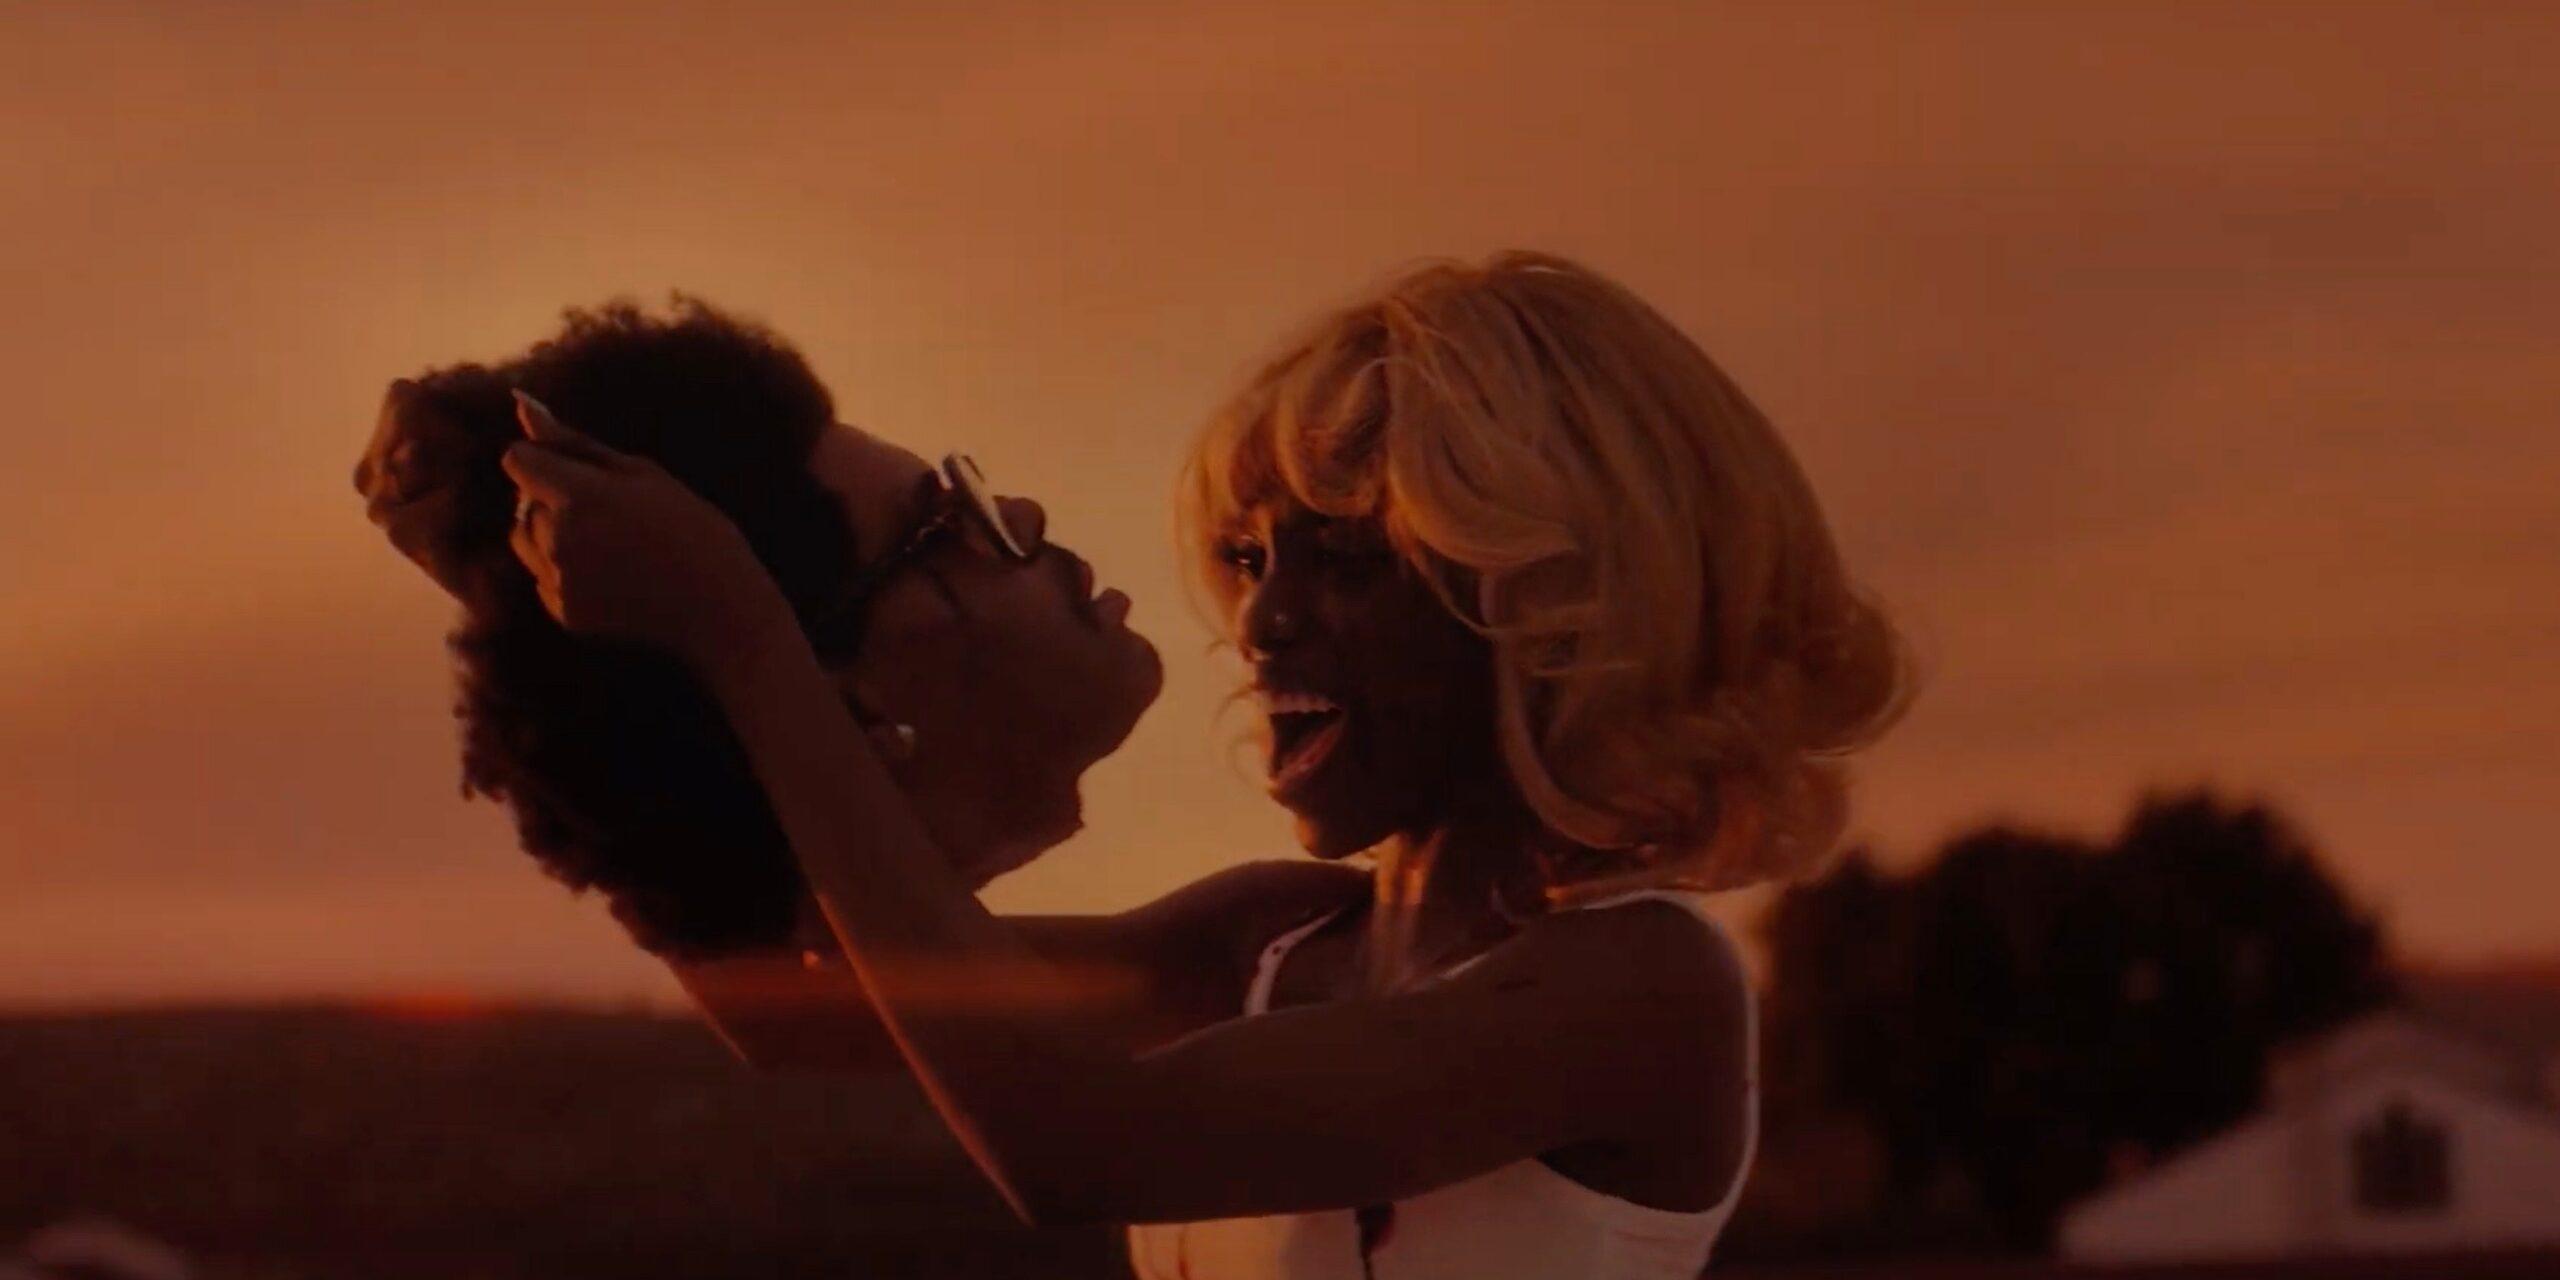 Check de 80s horrorserie van The Weeknd